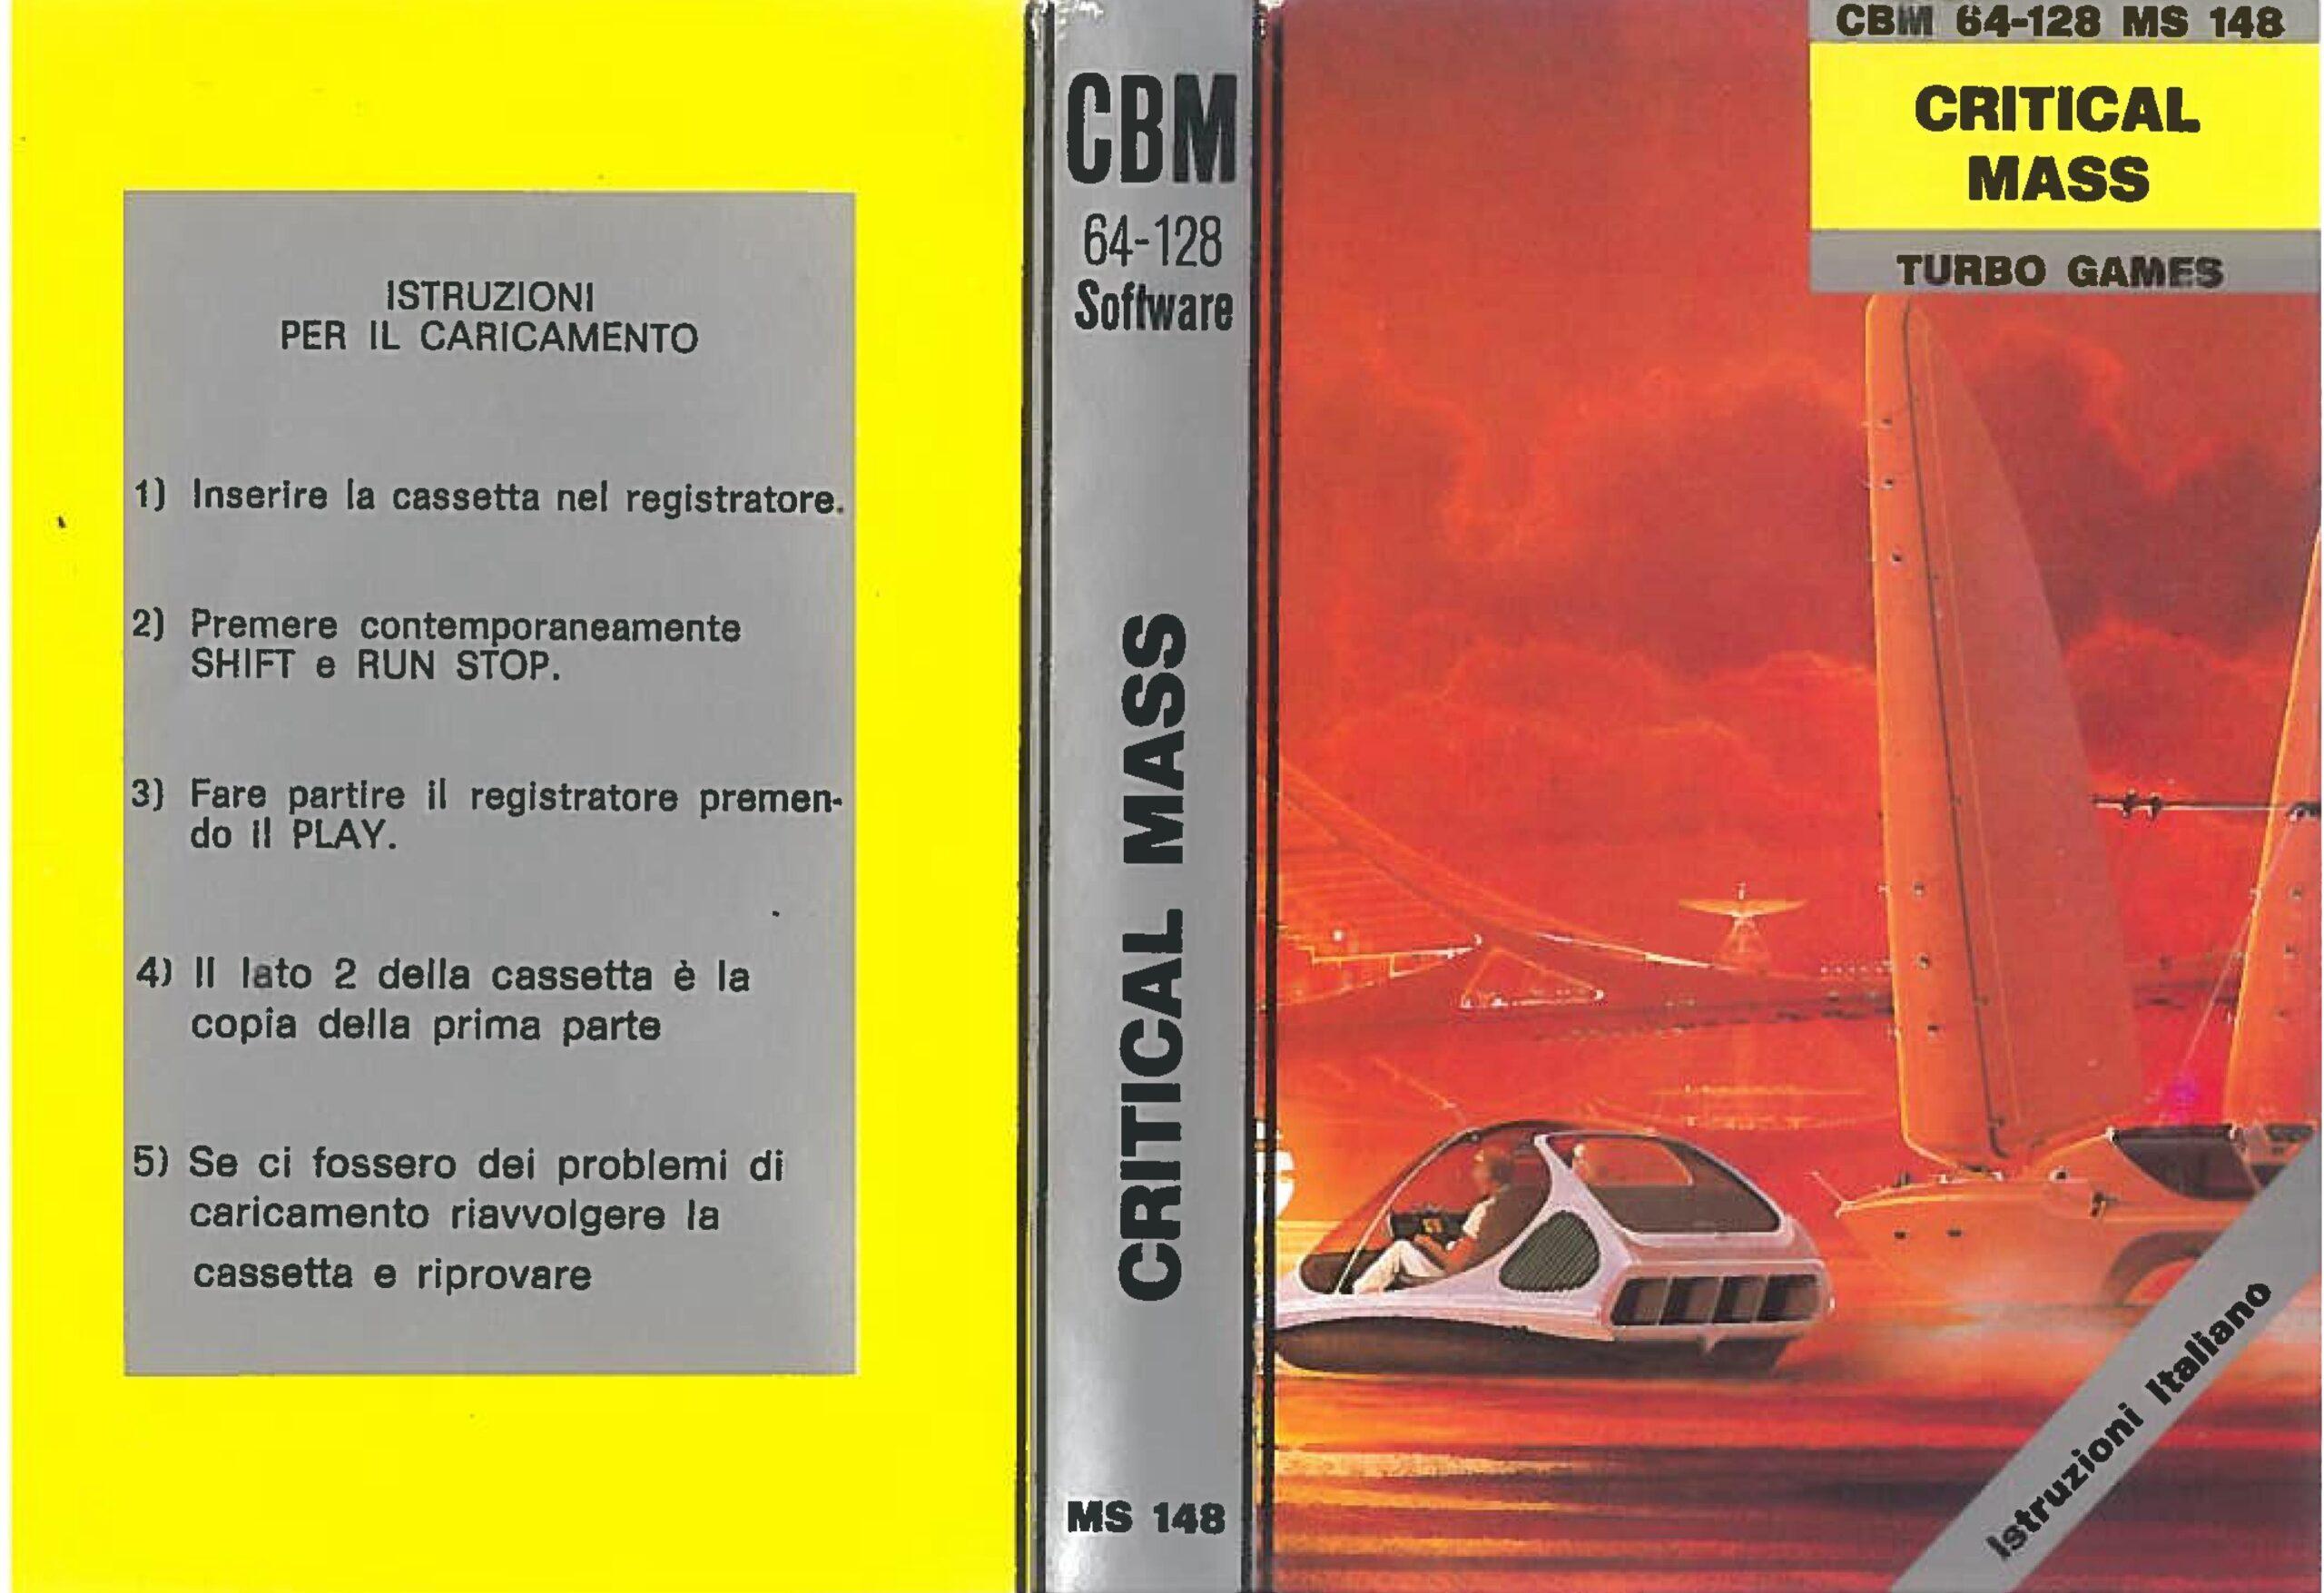 CRITICAL MASS MS 148